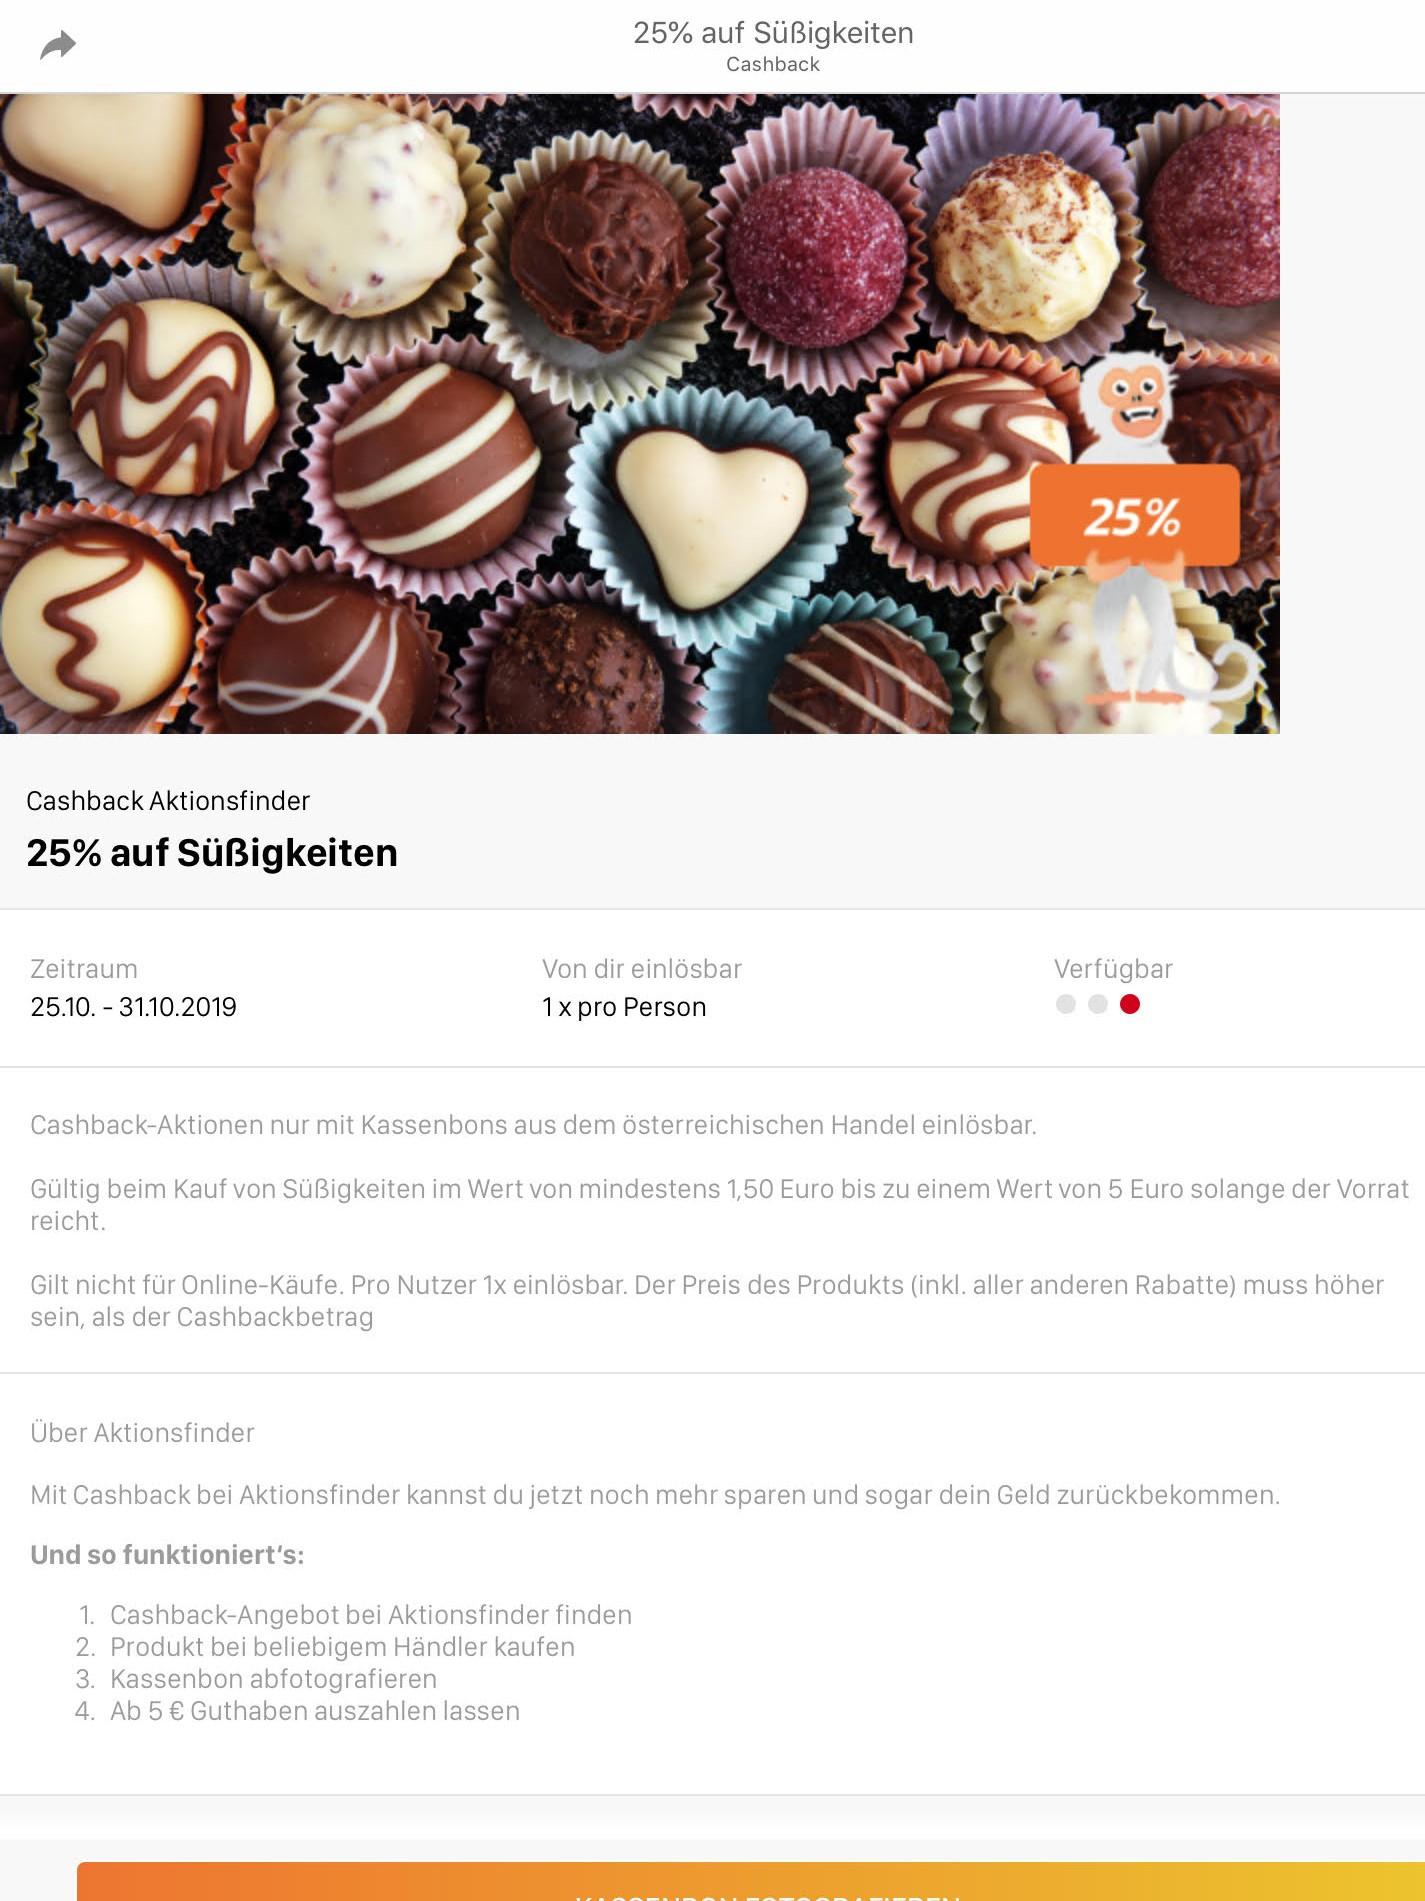 25% Cashback auf Süßigkeiten (Aktionsfinder App)